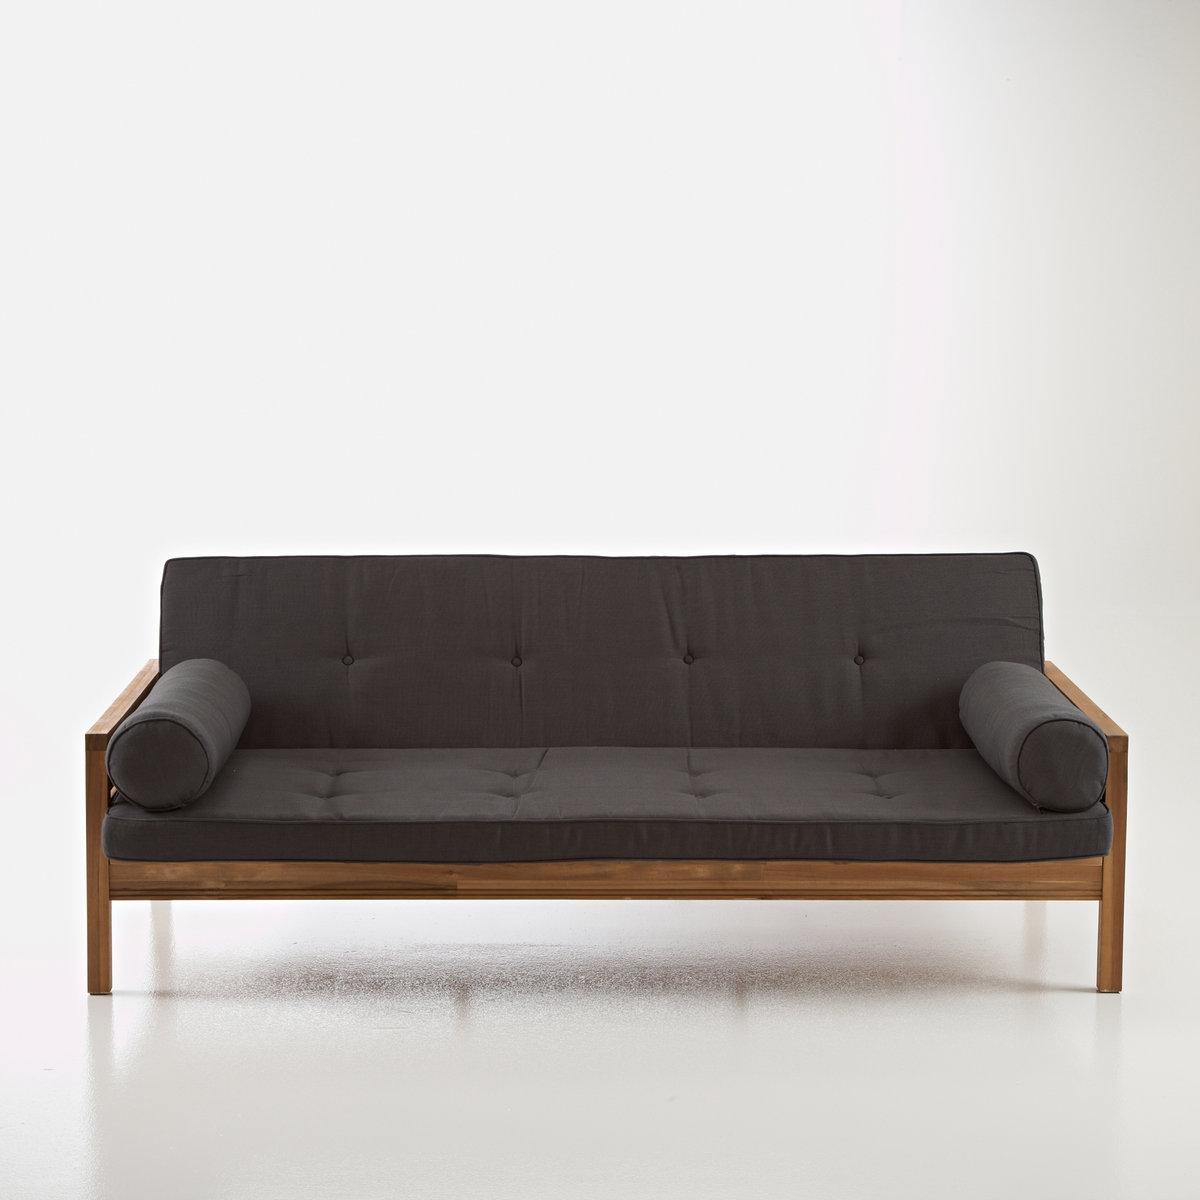 Диван-кровать для сада из акации, Ayumi стол для сада из акации fsc caleb